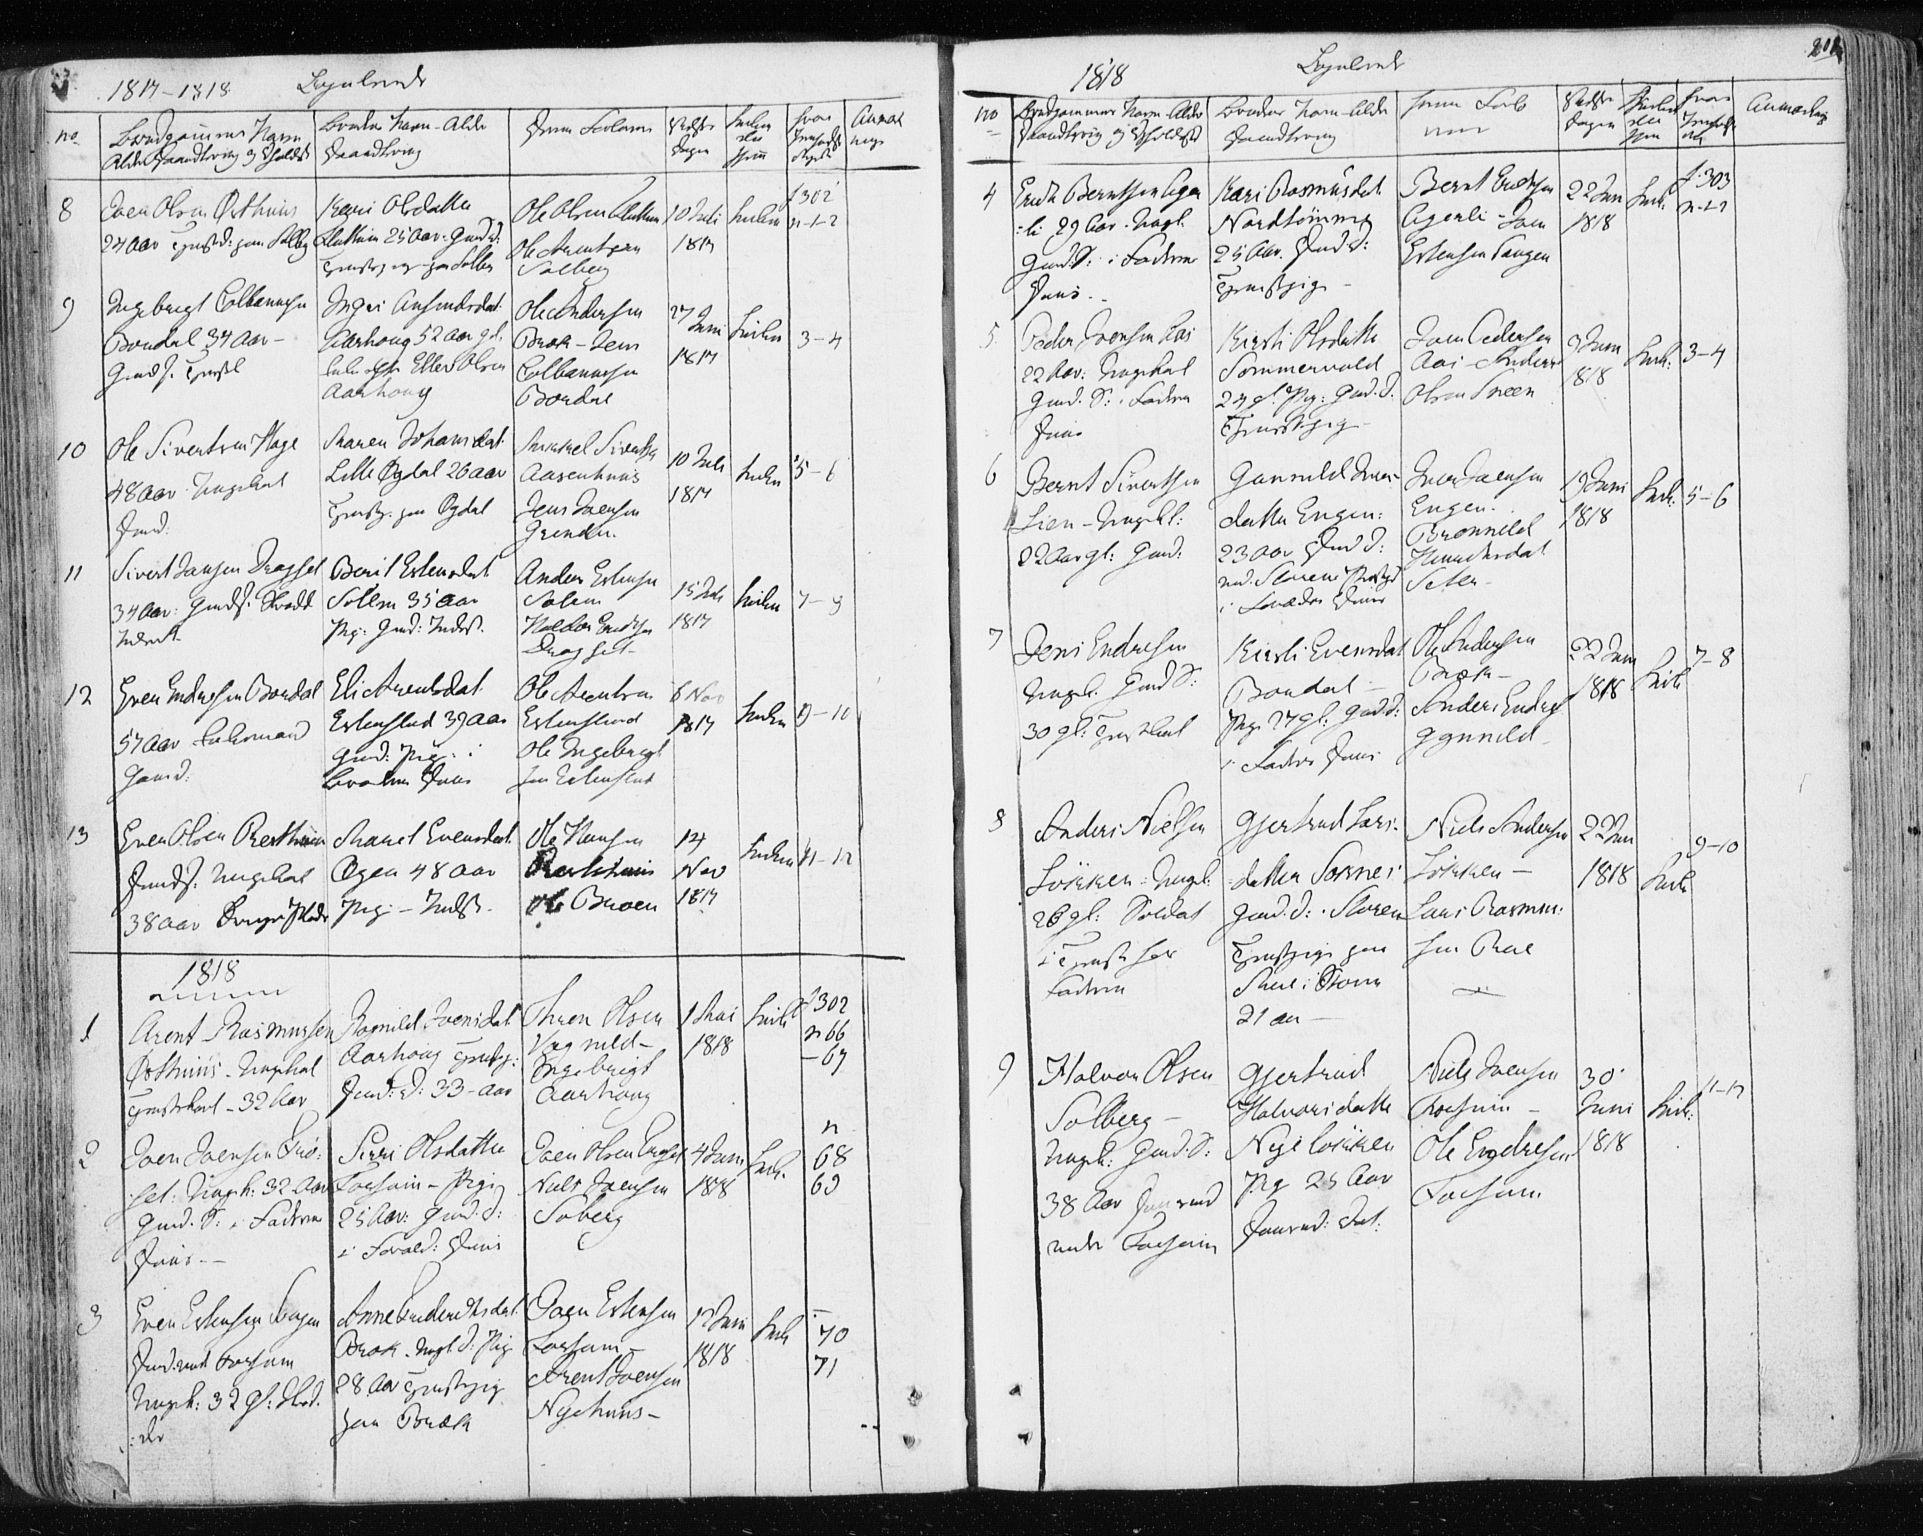 SAT, Ministerialprotokoller, klokkerbøker og fødselsregistre - Sør-Trøndelag, 689/L1043: Klokkerbok nr. 689C02, 1816-1892, s. 201